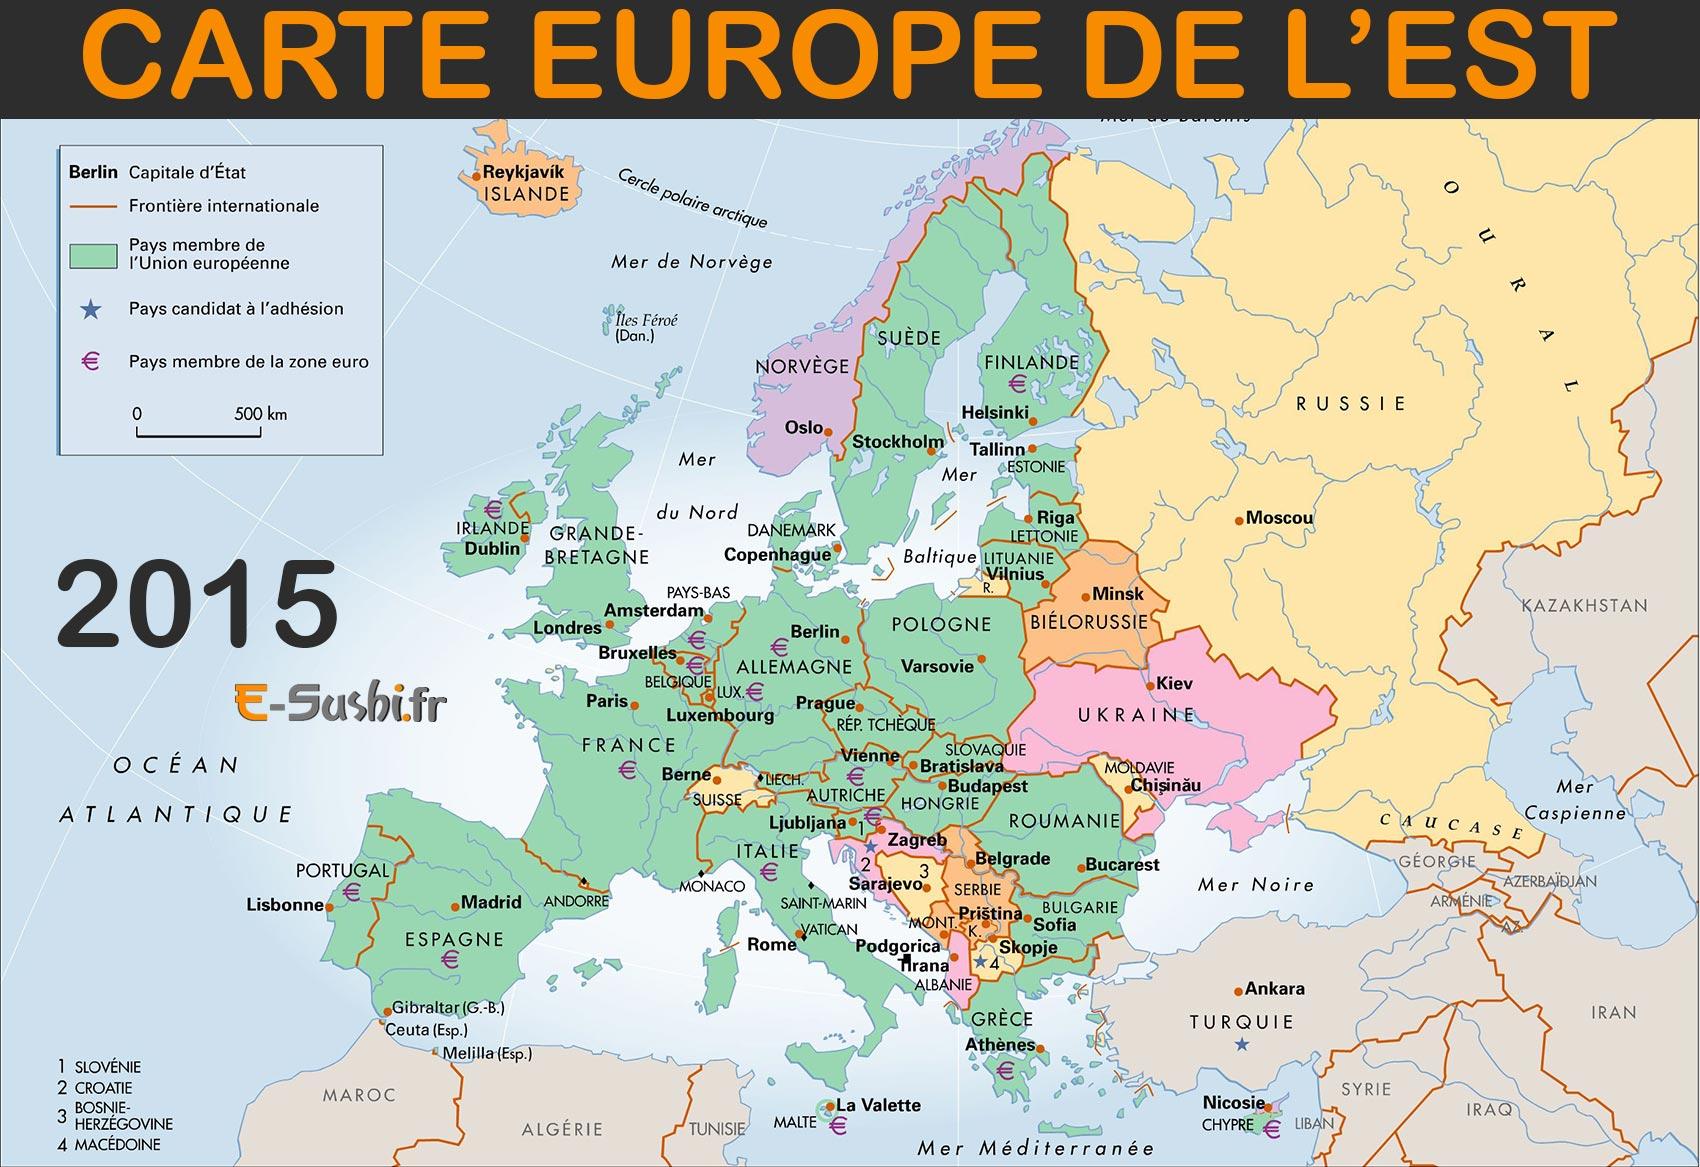 Carte Europe De L'est - Images Et Photos - Arts Et Voyages encequiconcerne Carte Europe De L Est